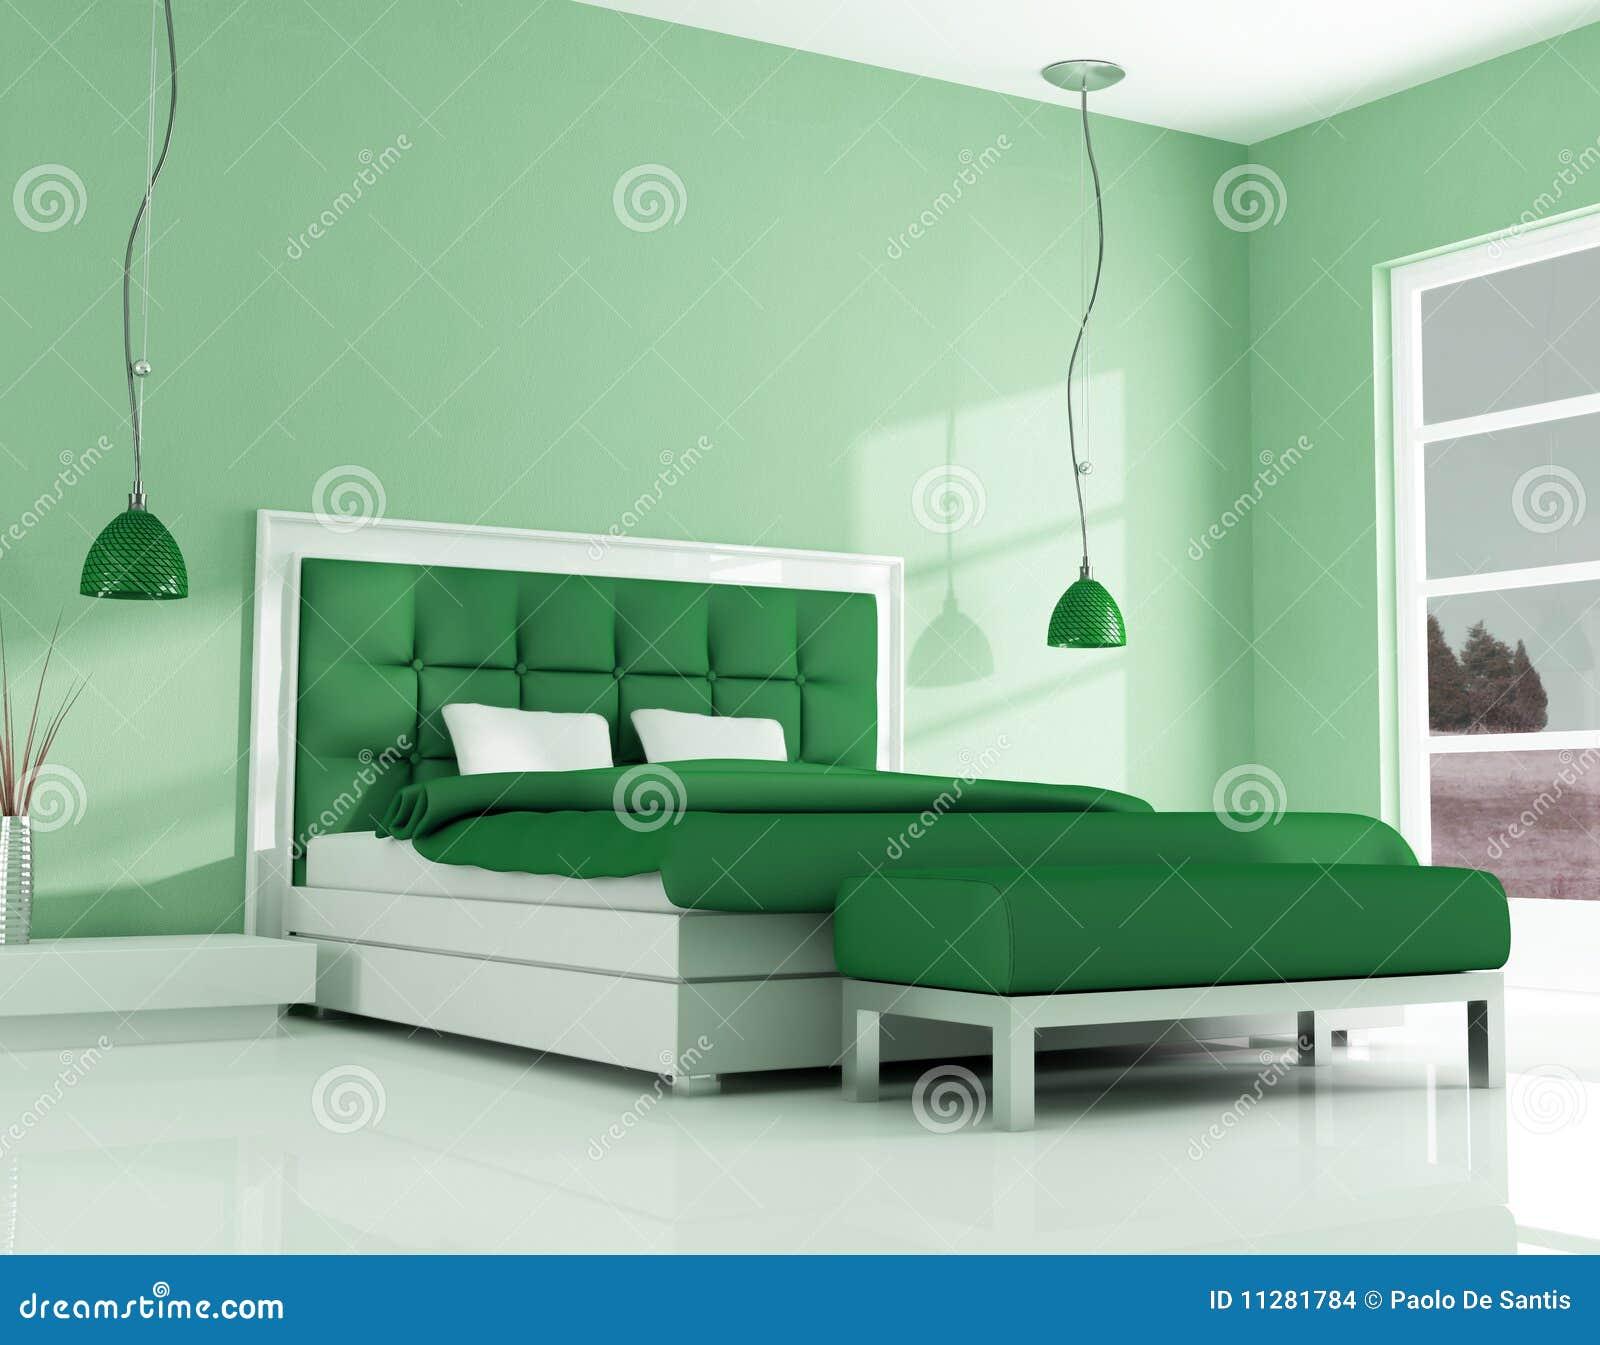 Inverdica la camera da letto moderna immagini stock - Immagini camera da letto moderna ...